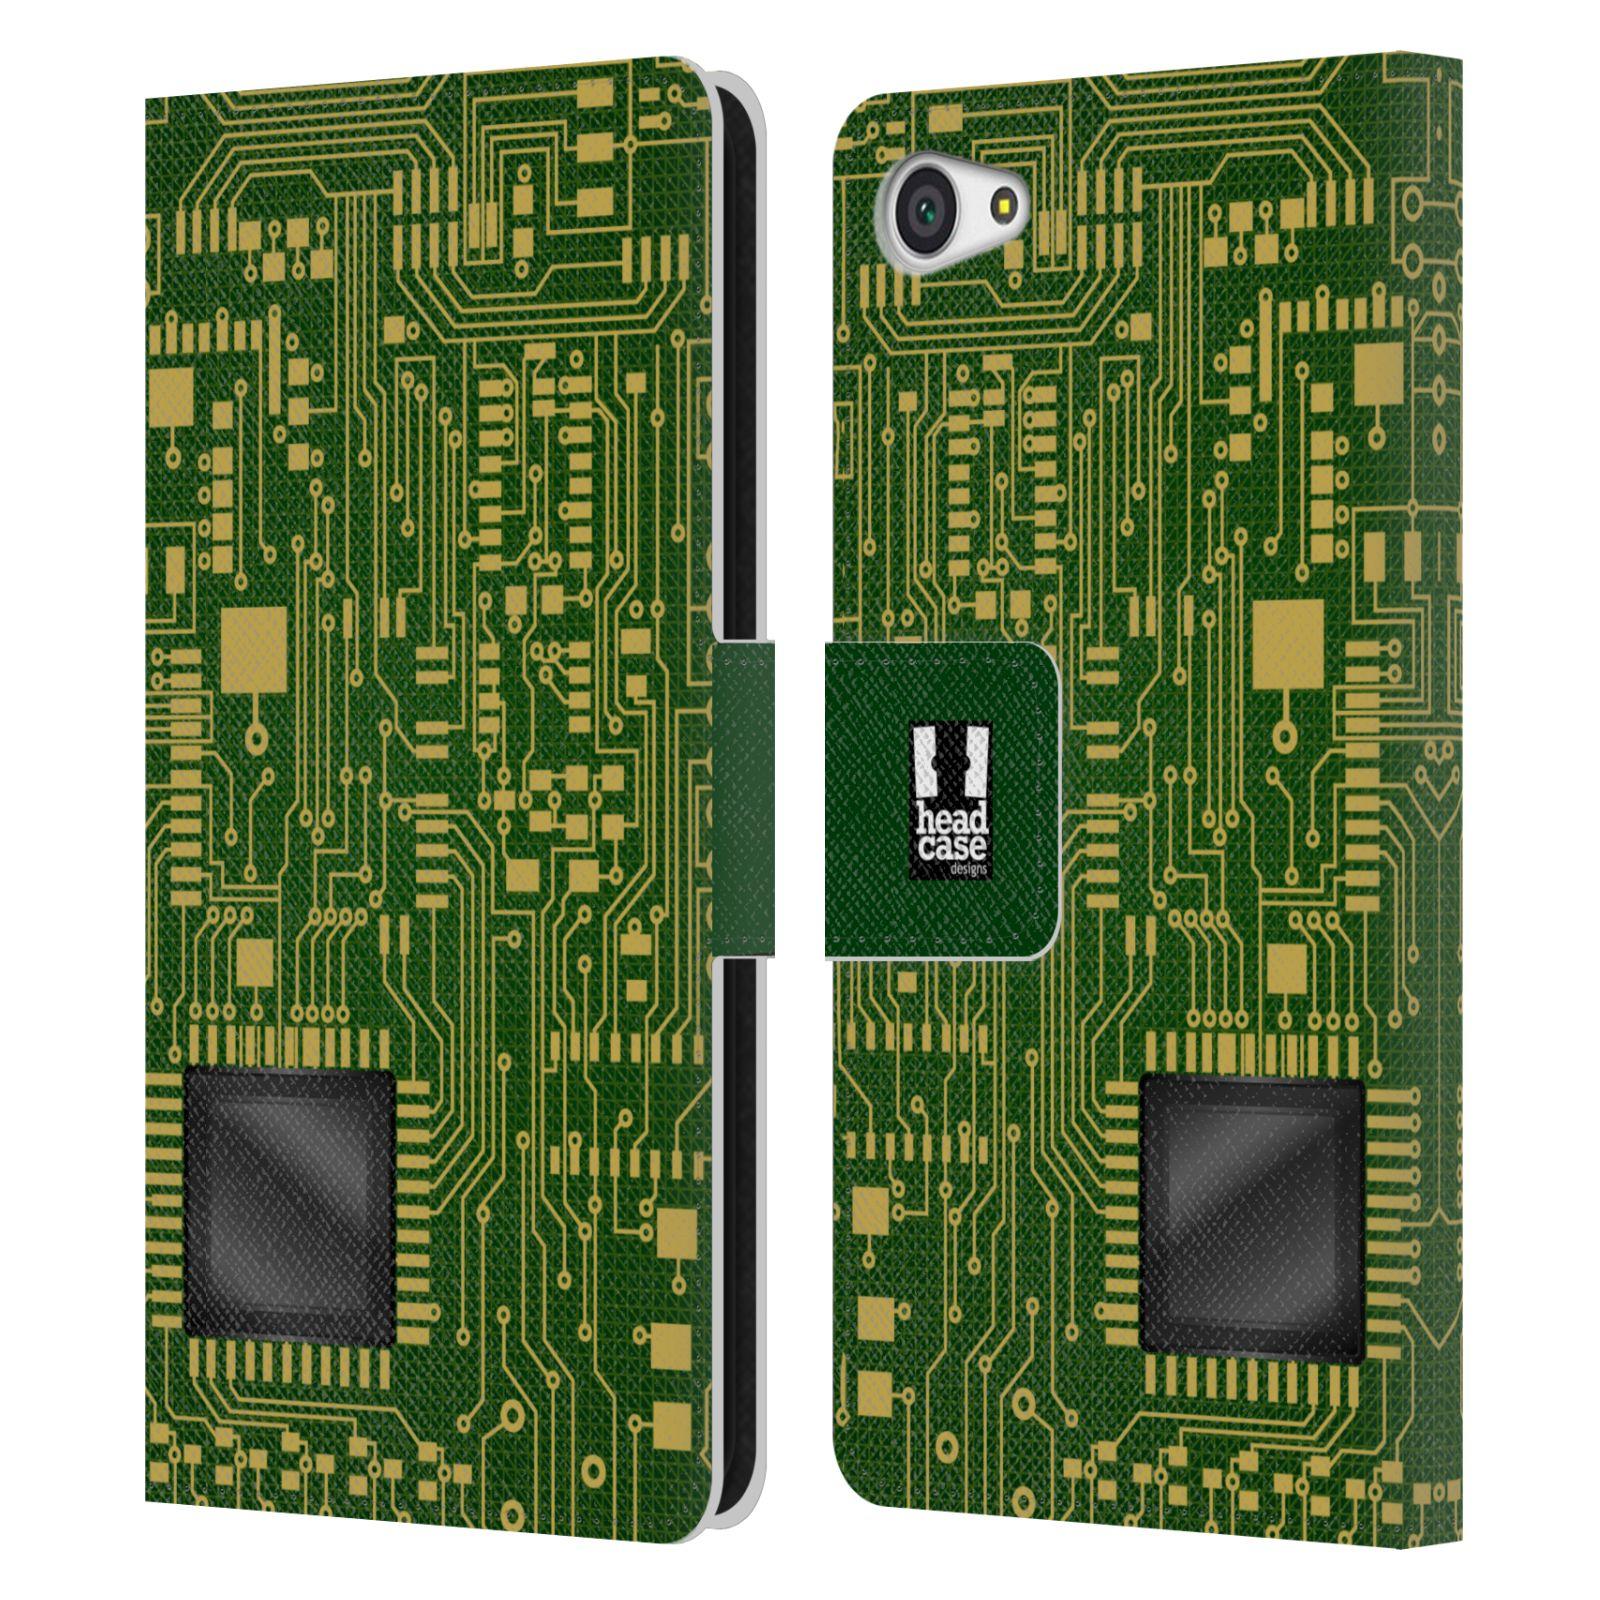 HEAD CASE Flipové pouzdro pro mobil SONY XPERIA Z5 COMPACT počítač základní deska zelená barva velký čip